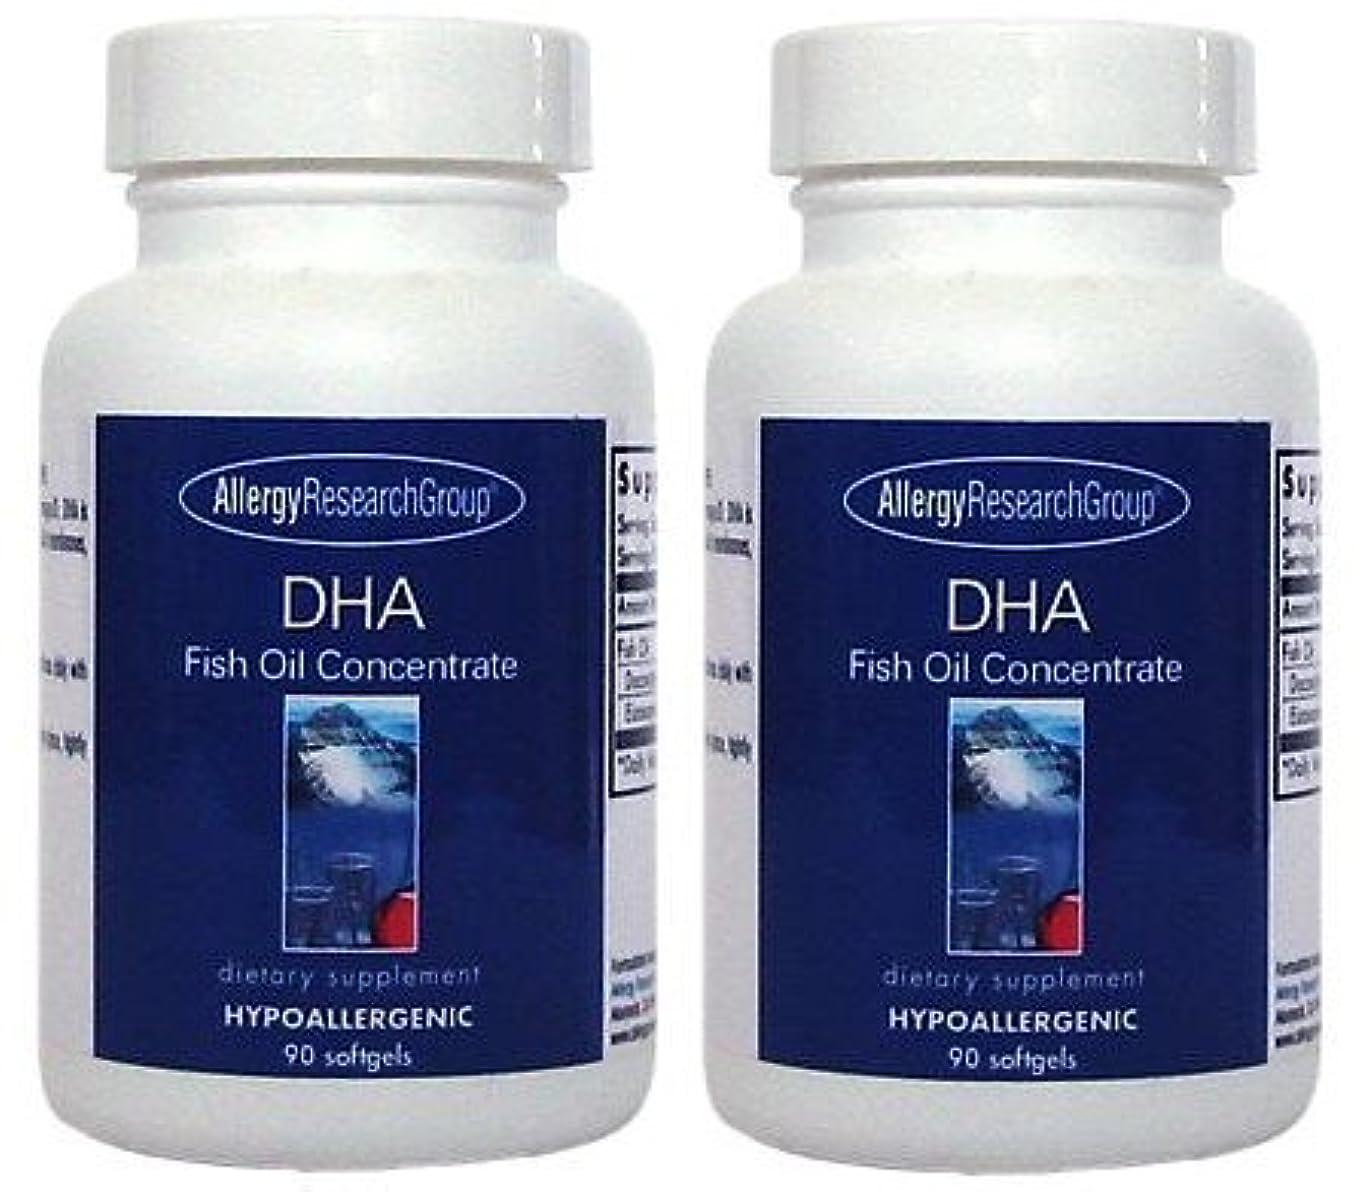 時代遅れひどい理由DHA & EPA (DHA Fish Oil Concentrate 90 Softgels ) [海外直送品] 2ボトル